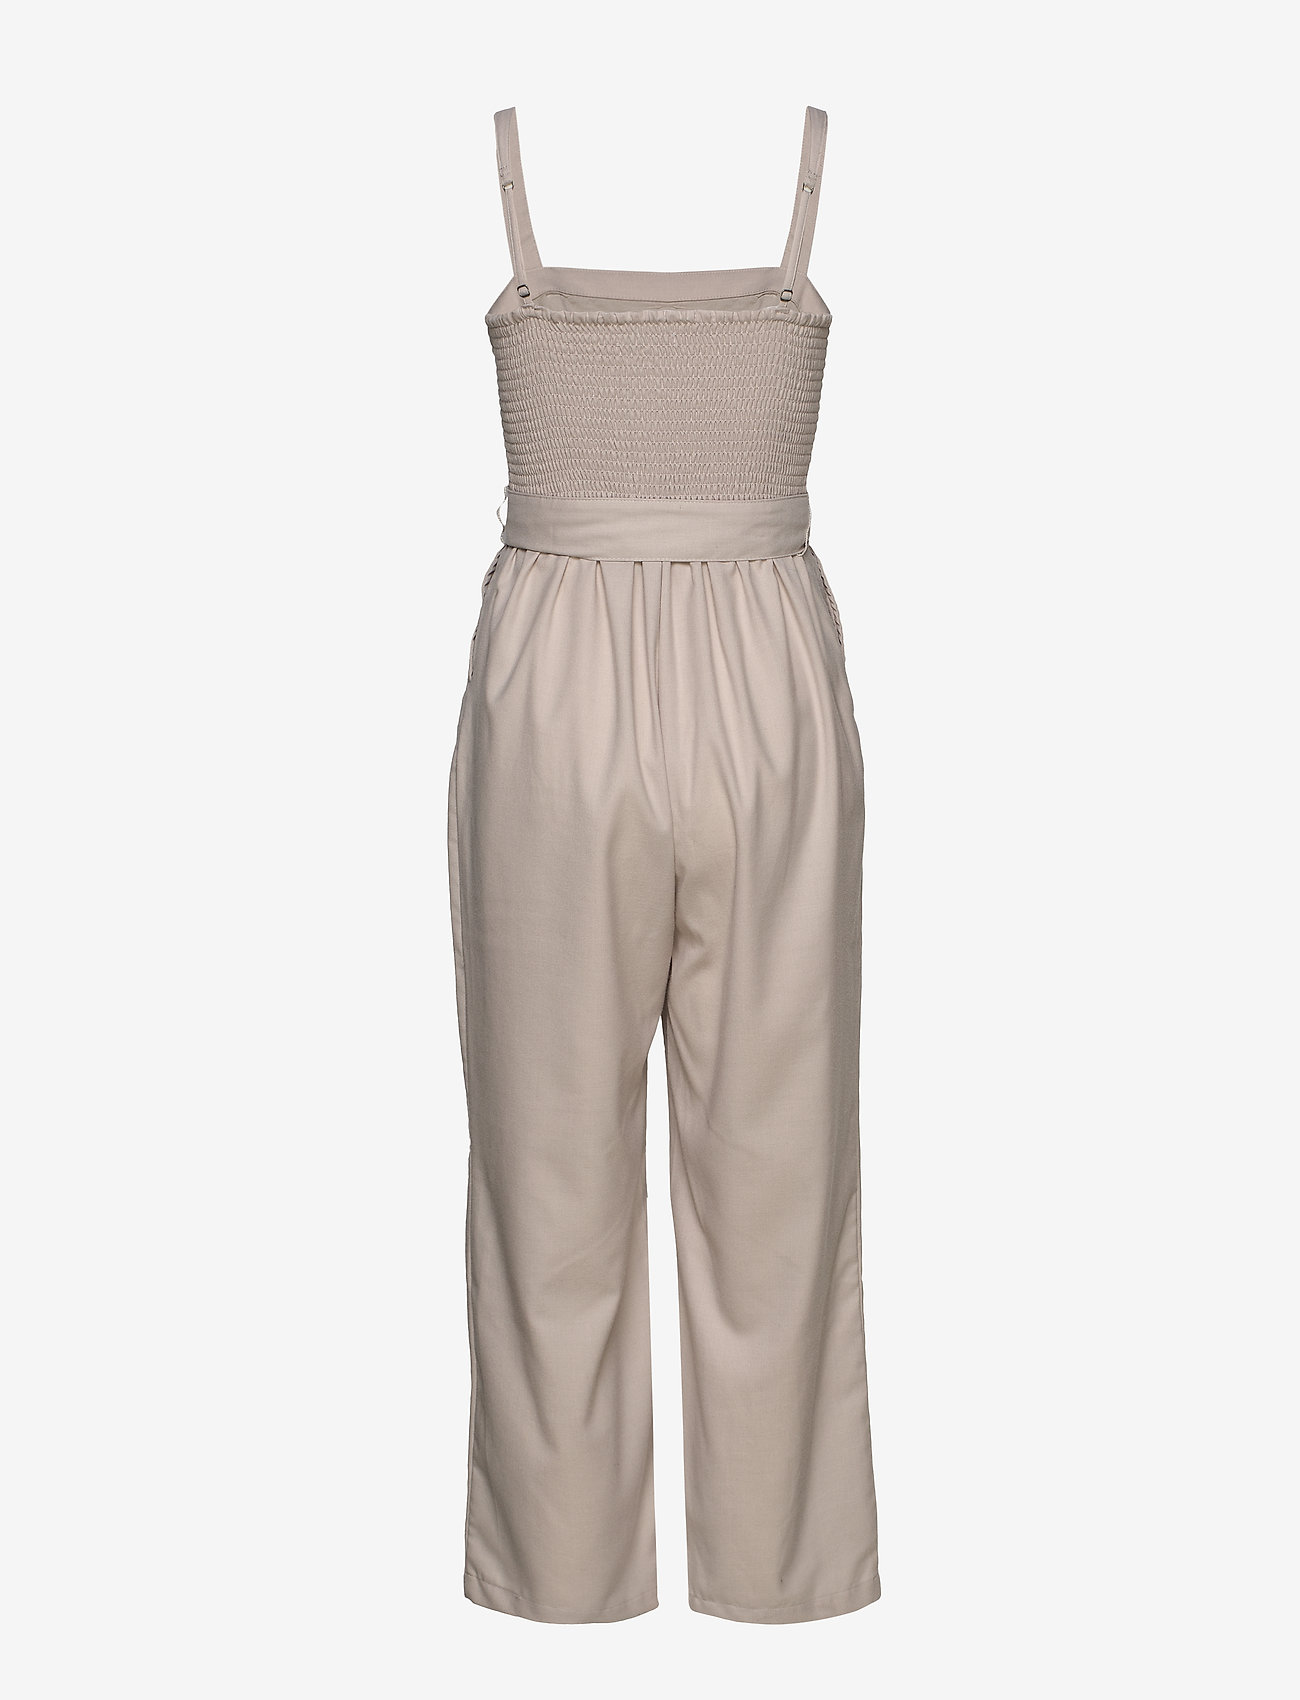 Abercrombie & Fitch - Jumpsuit - jumpsuits - cream - 1